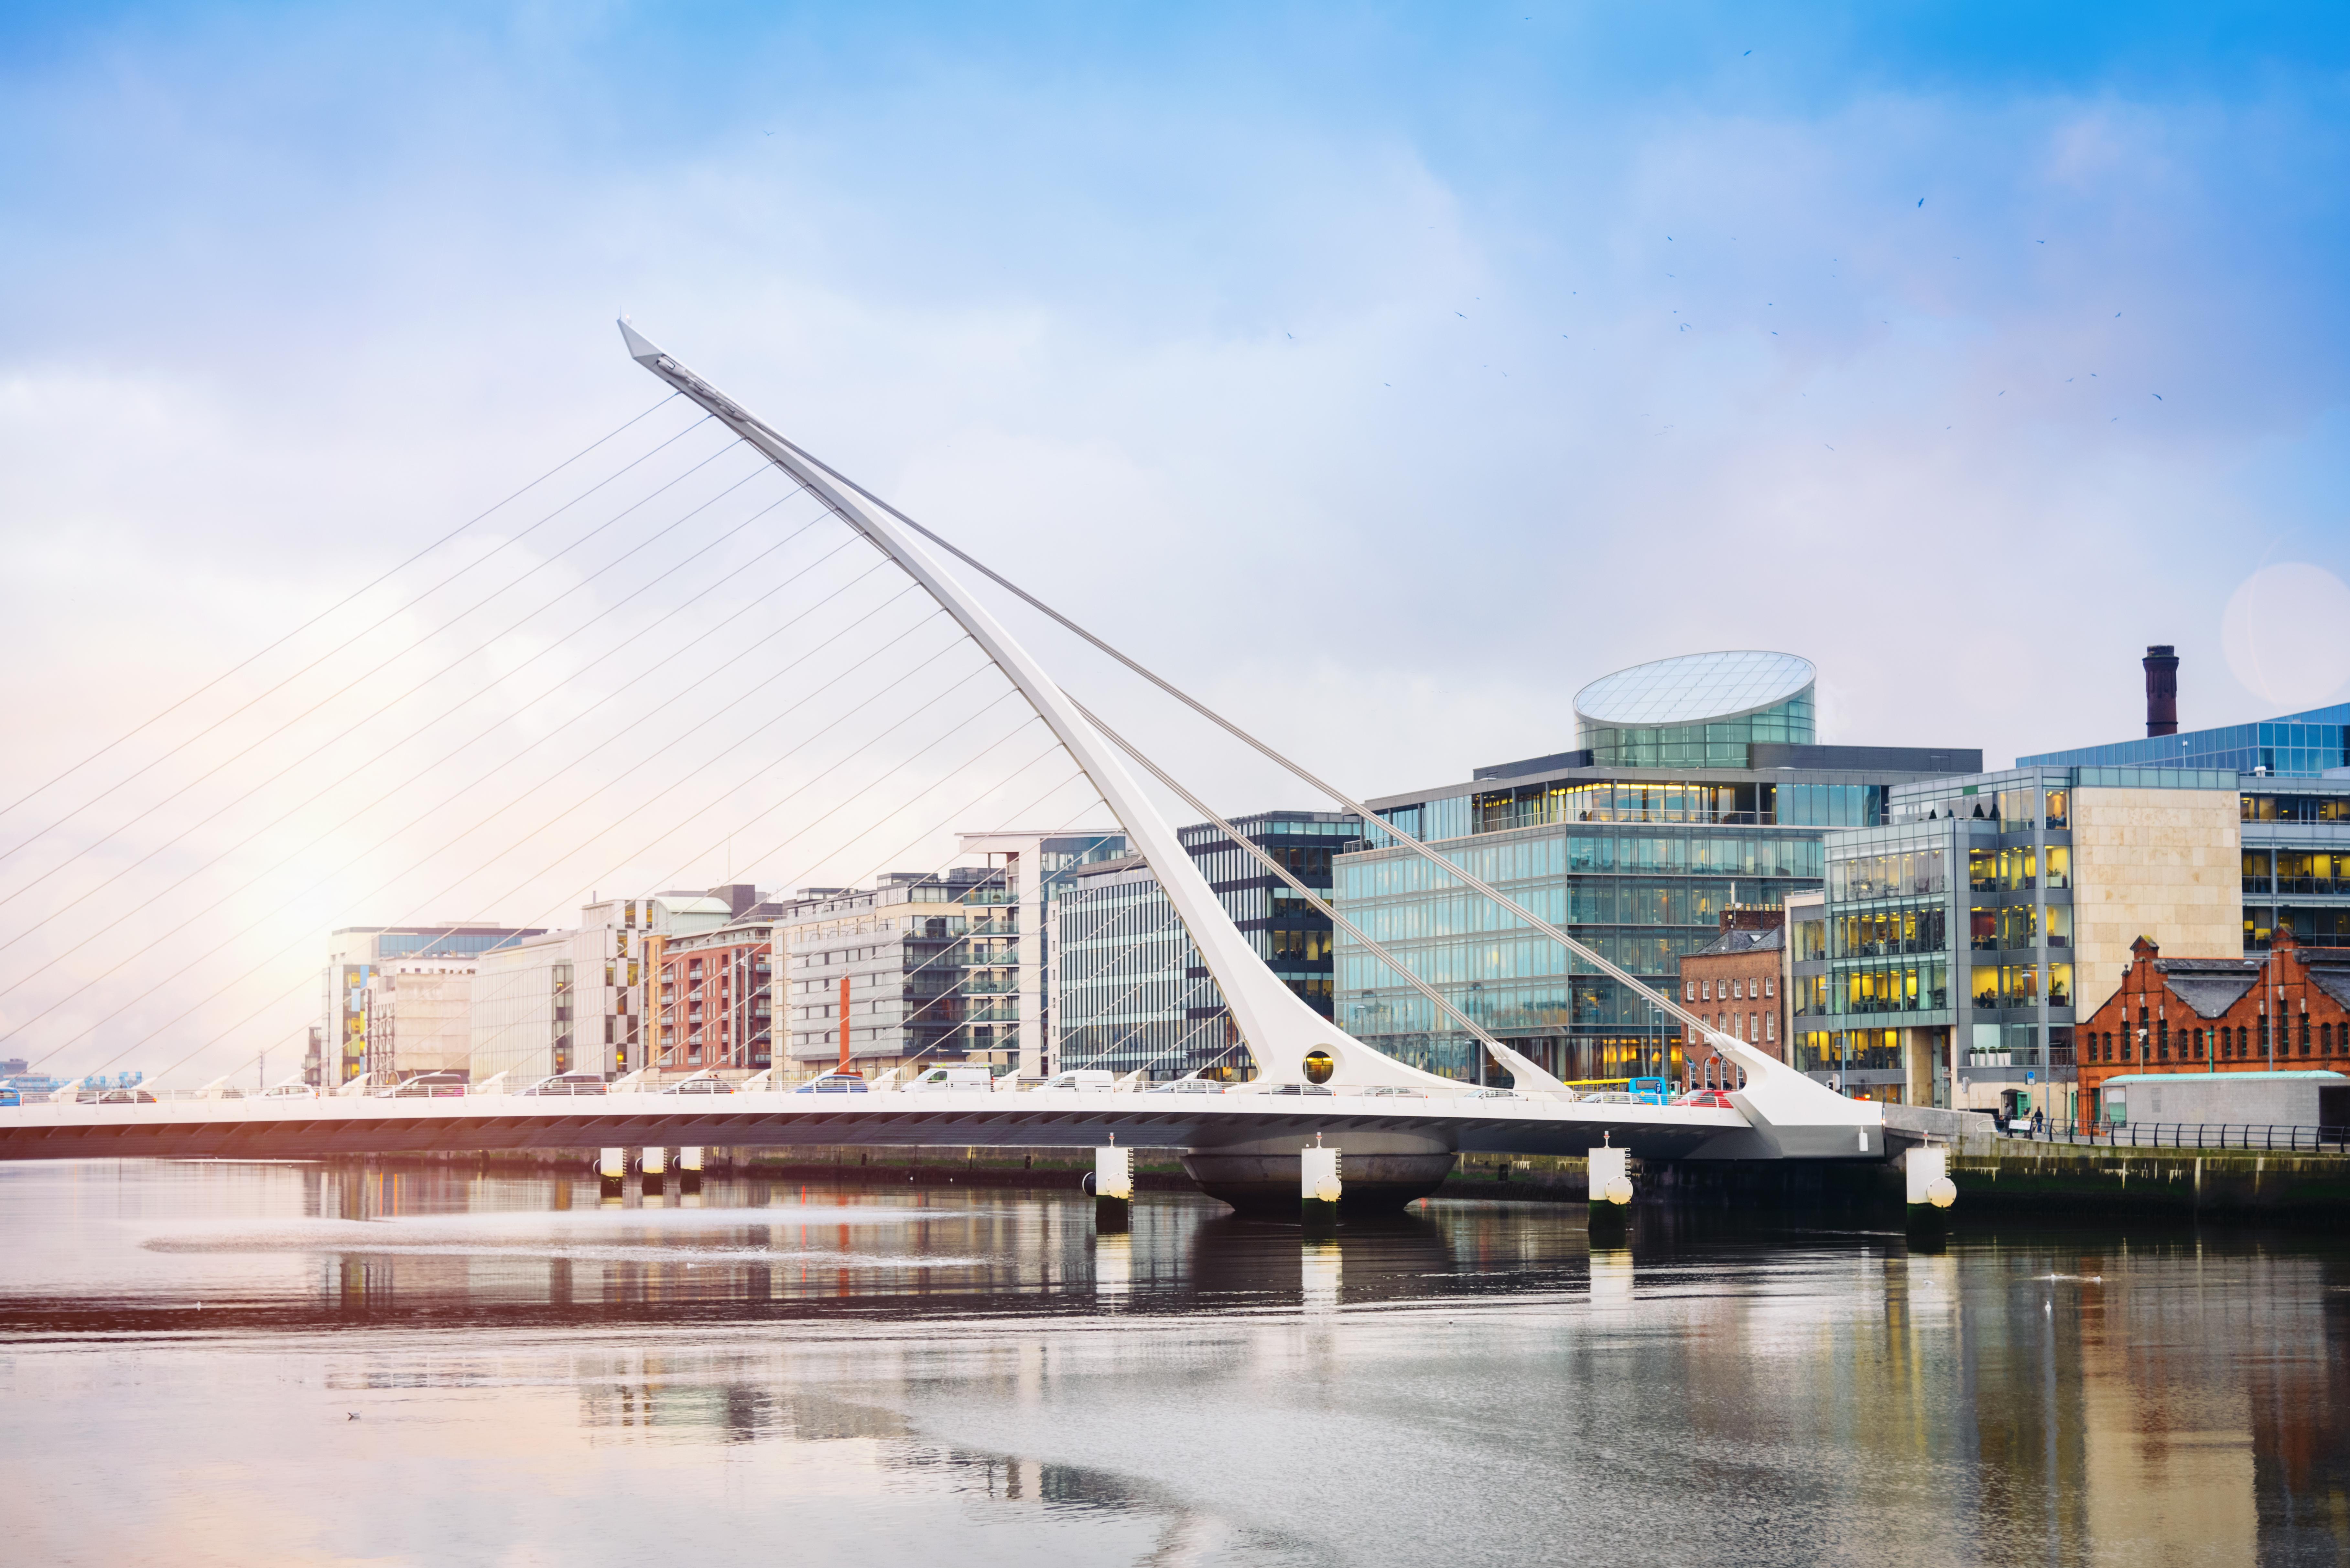 IRELAND'S CAPITAL, DUBLIN